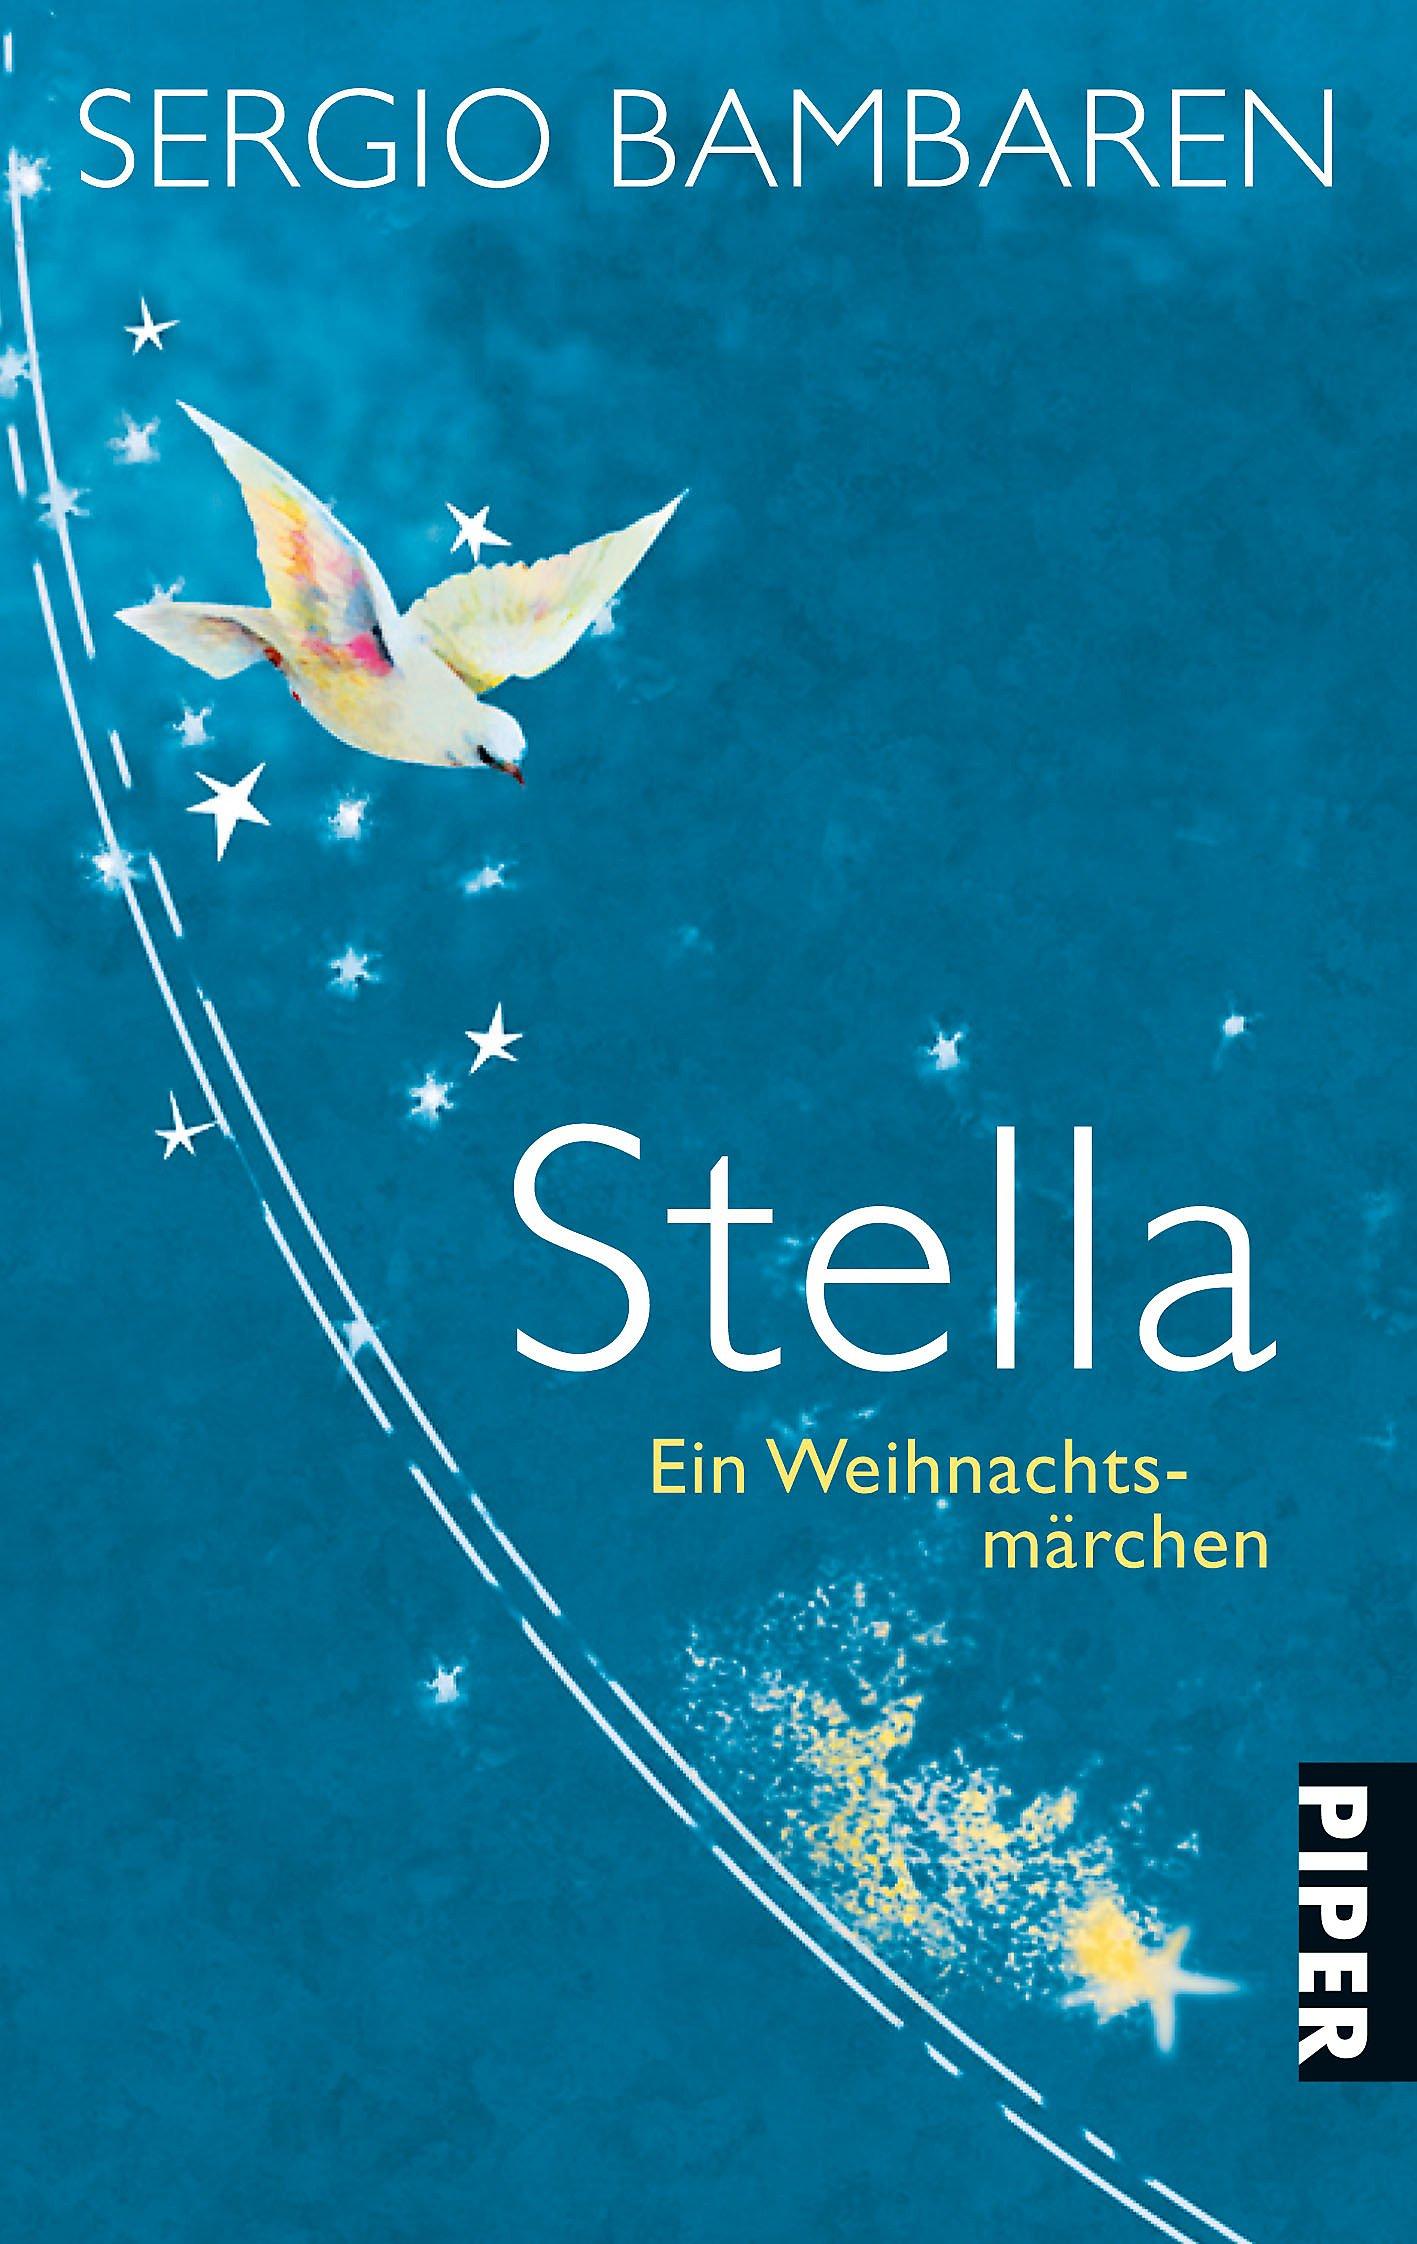 Stella Buch Von Sergio Bambaren Jetzt Bei Weltbildch Bestellen